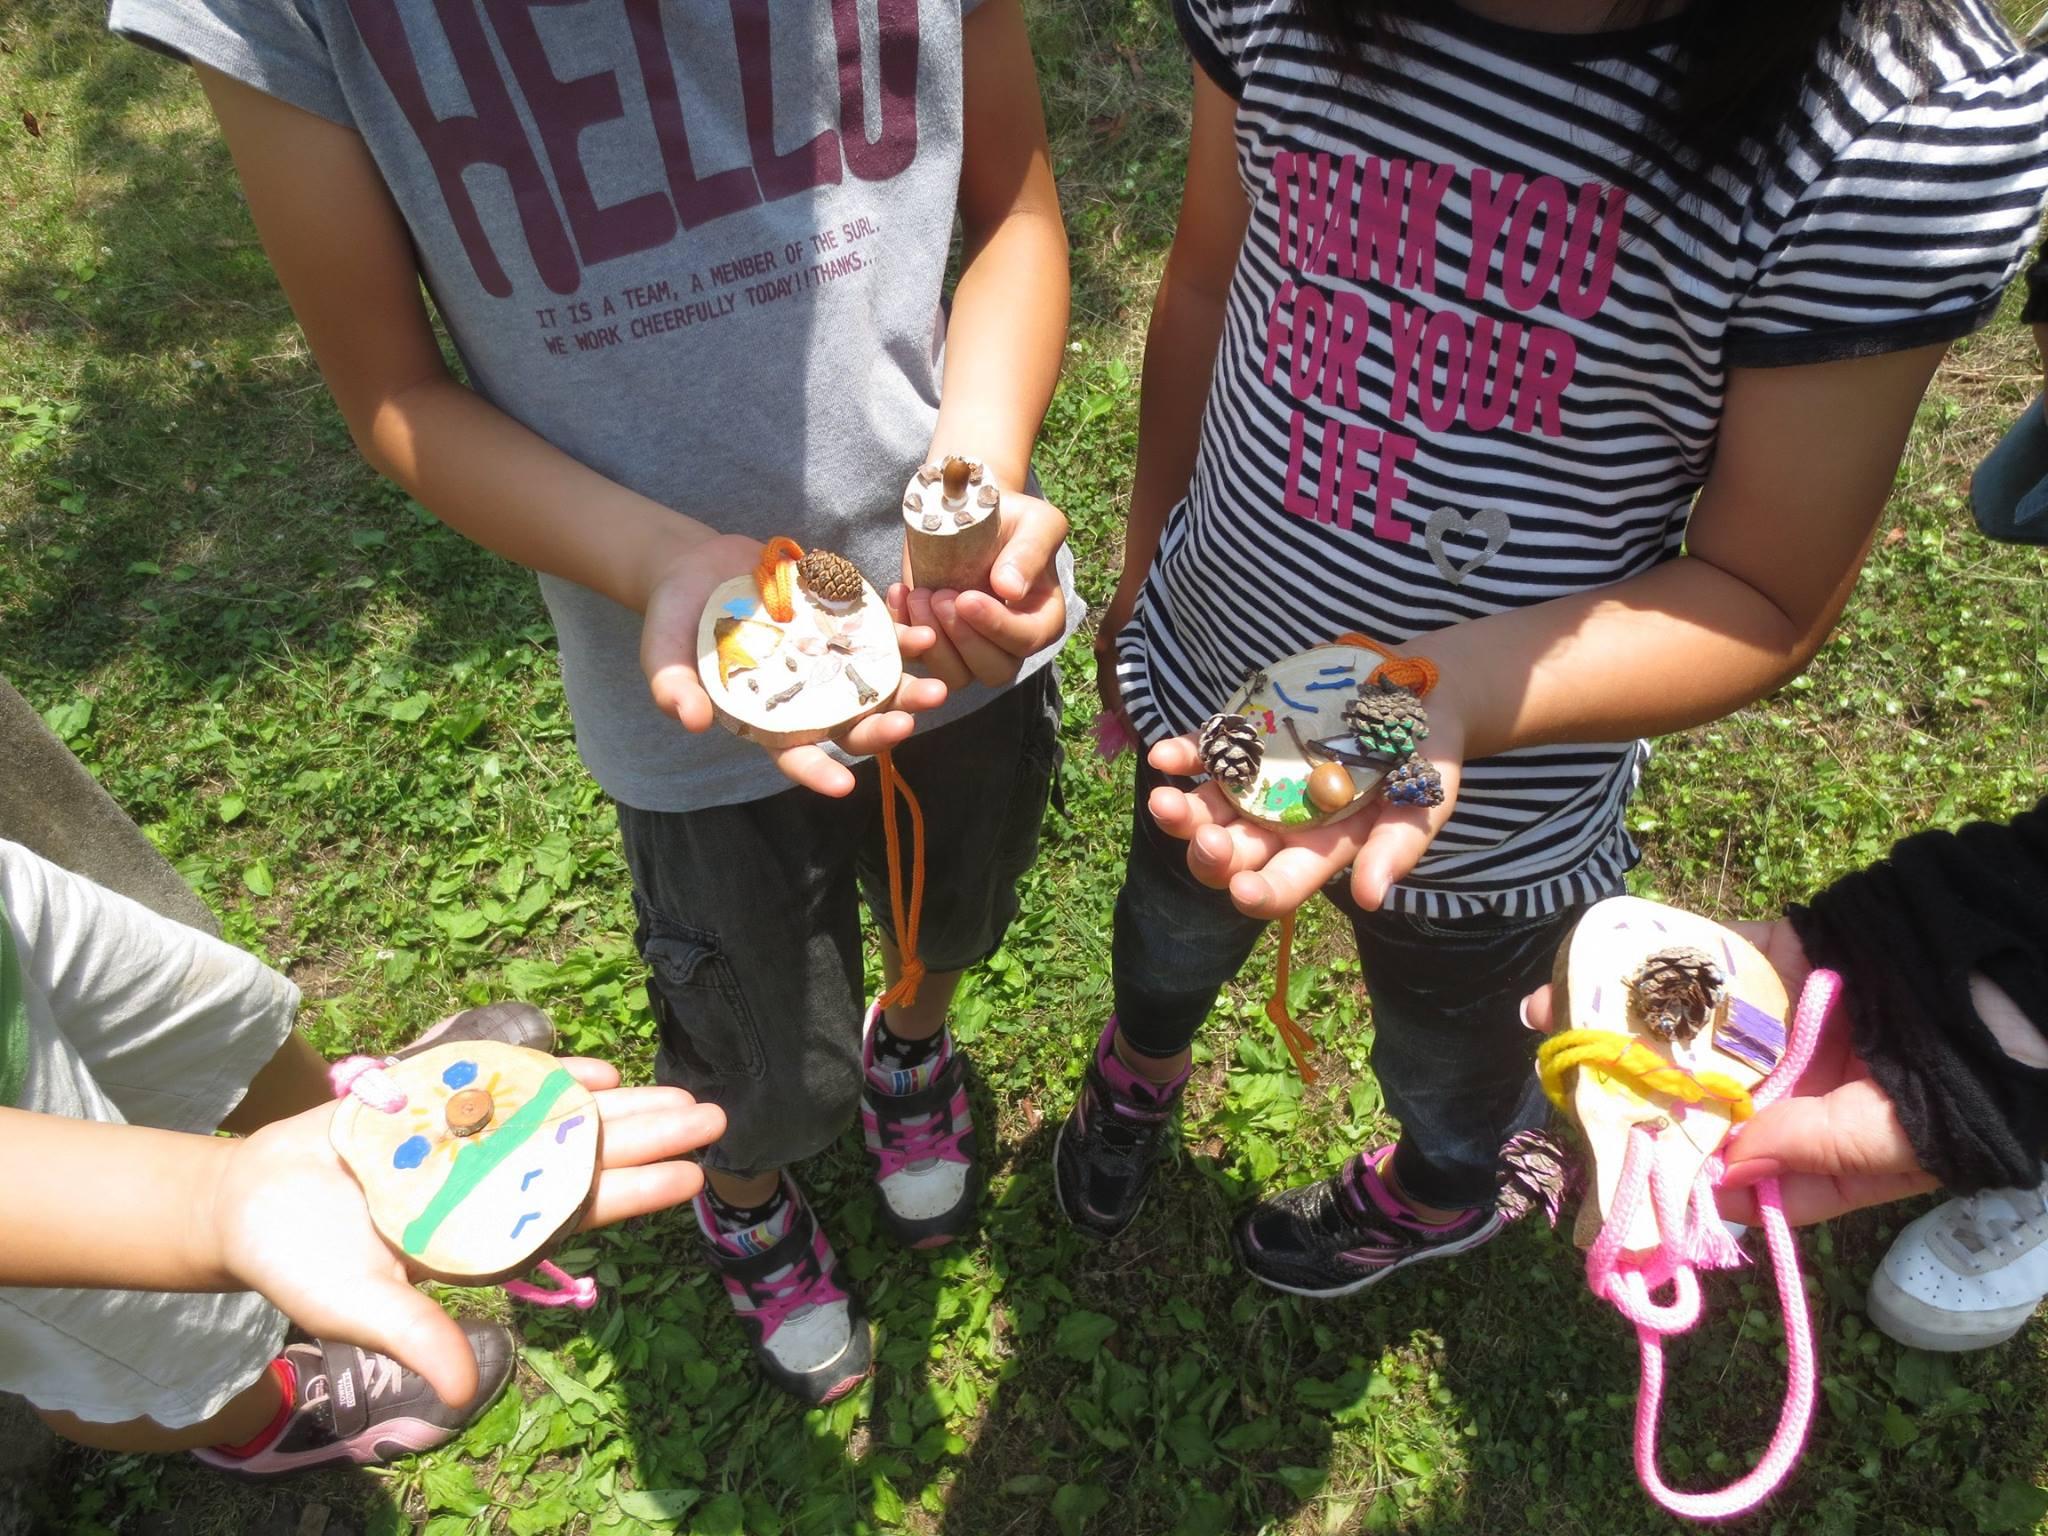 キャプション:地球デザインスクールの活動の様子。自然の中を散策したり田植えをしたり、自然の物で作品をつくることも。